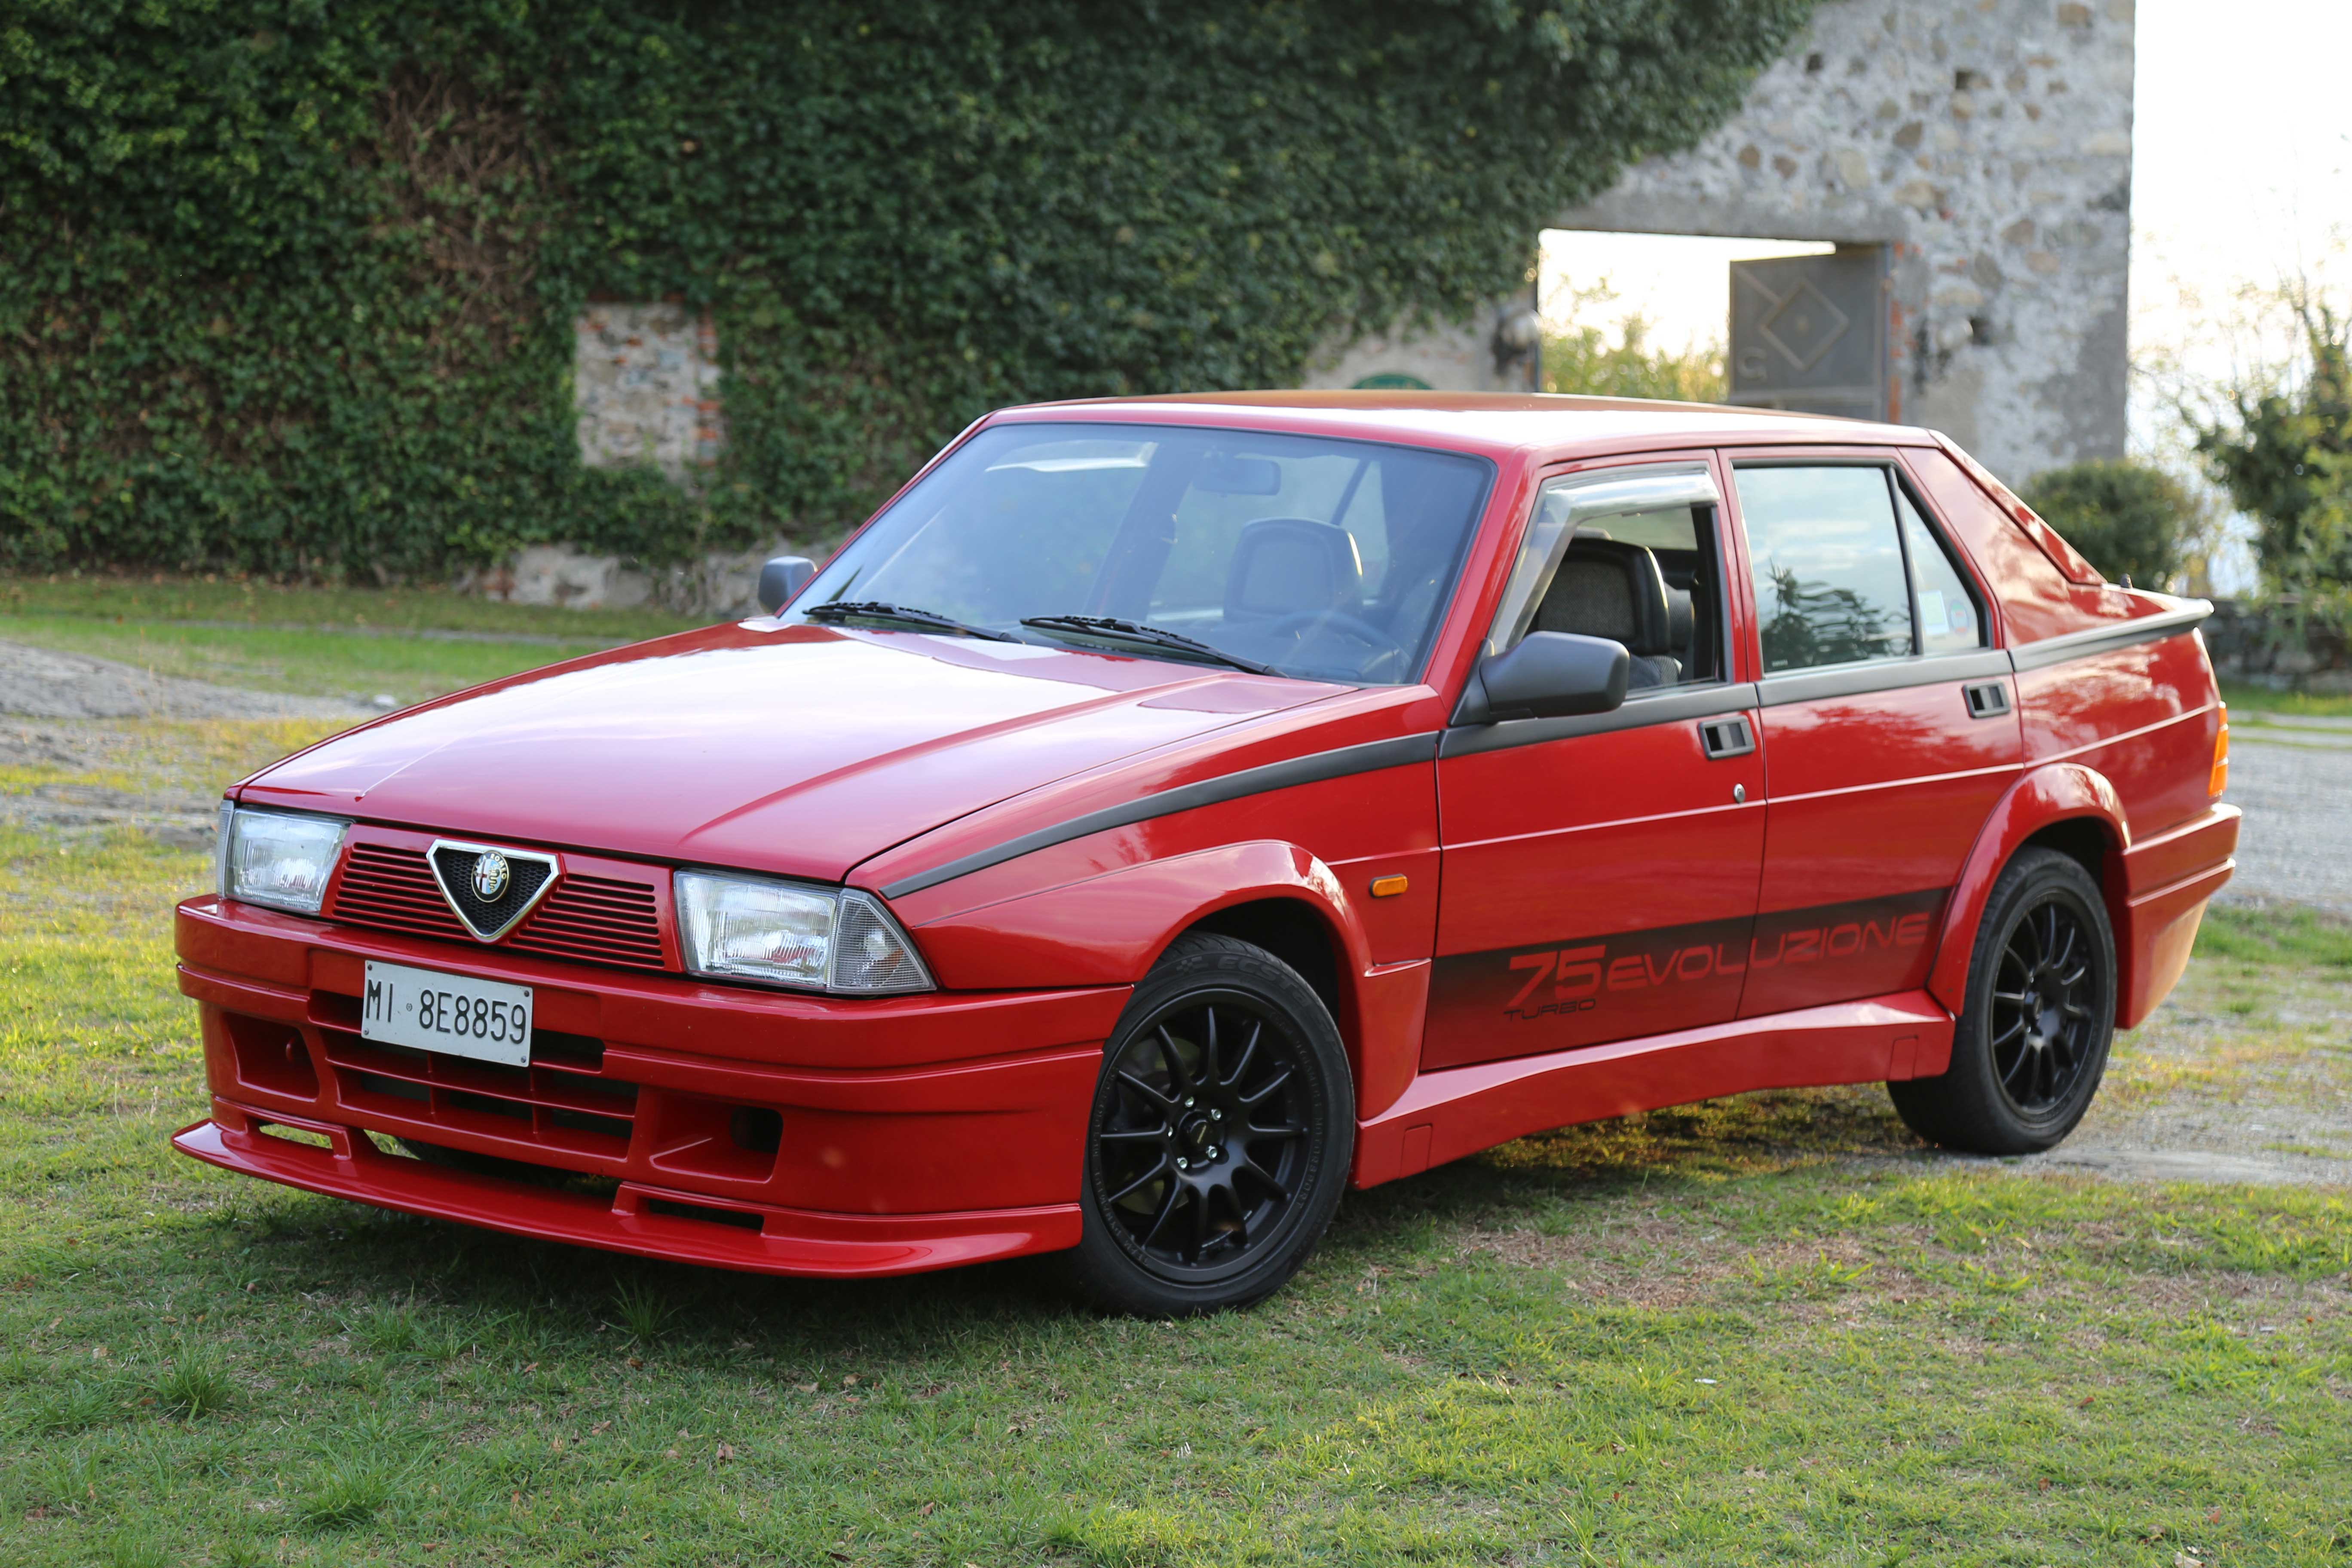 Alfa Romeo 75 Turbo Evoluzione Test Drive Video Davide Cironi